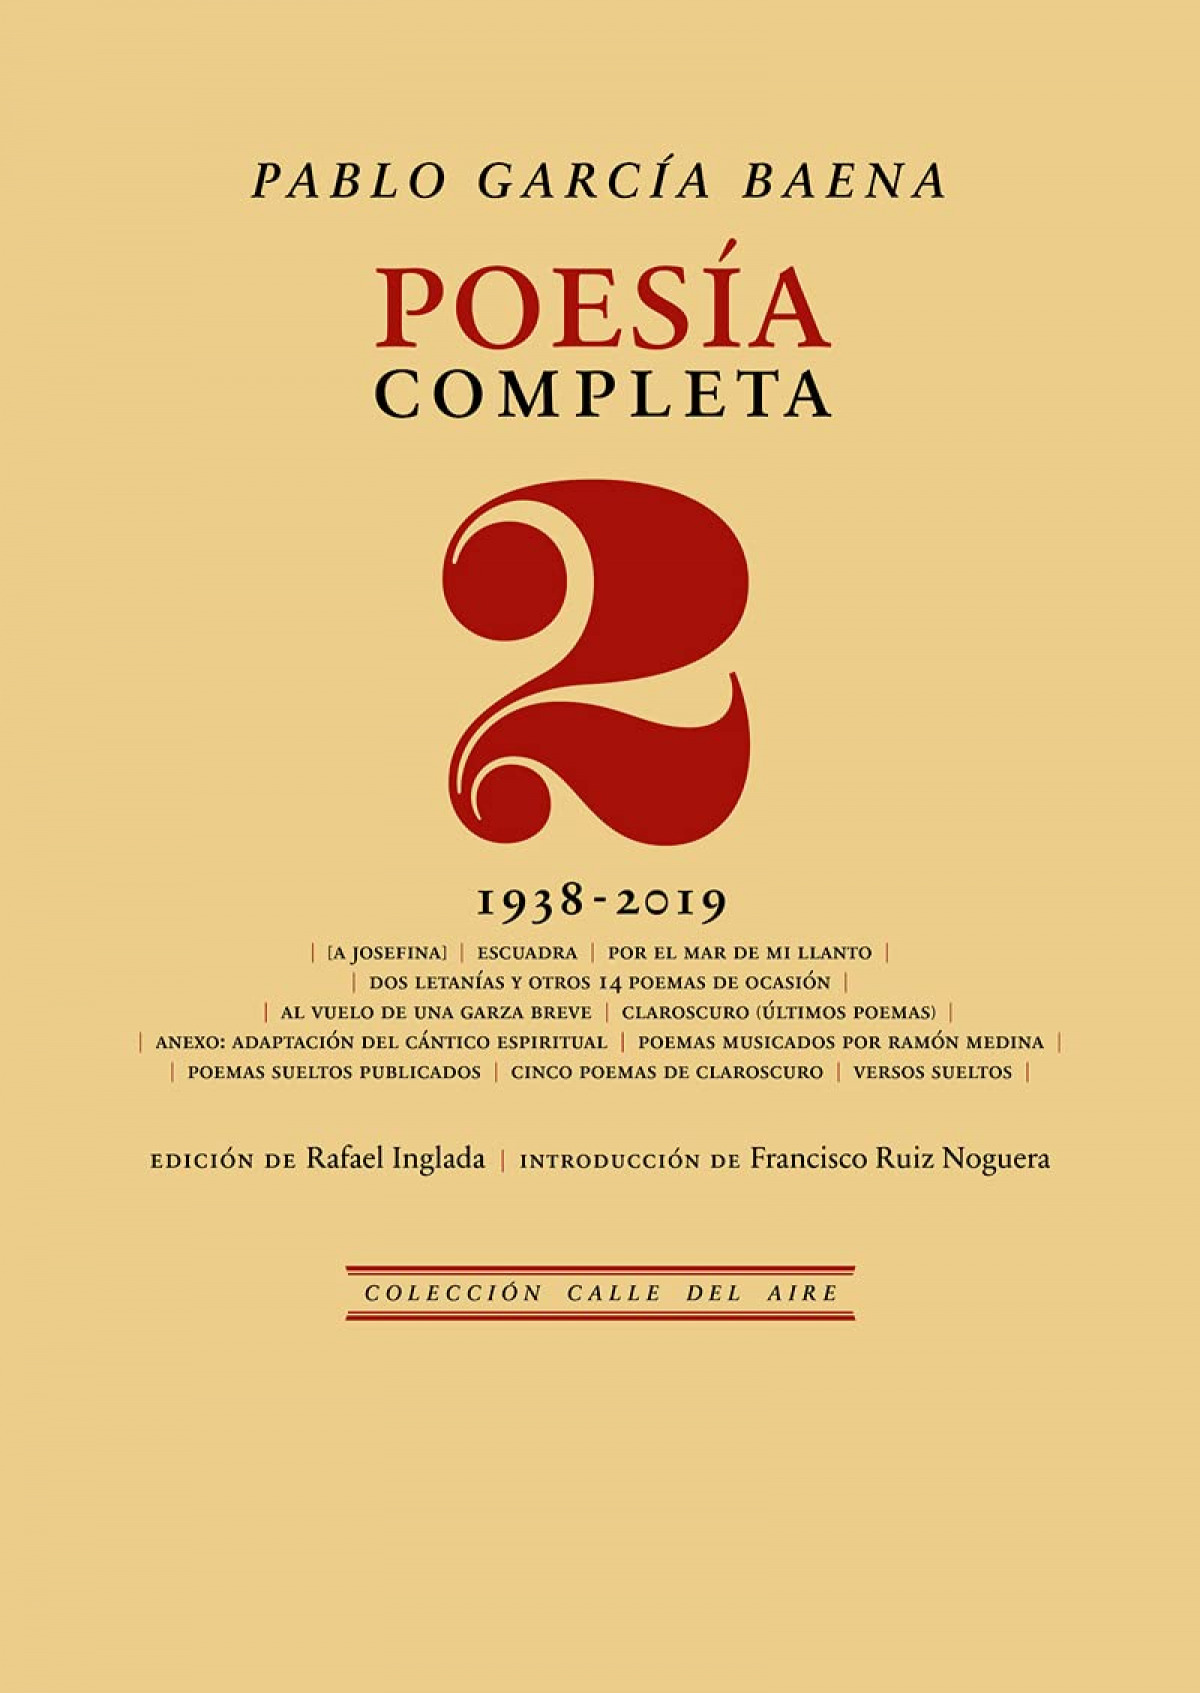 Poesía completa, 2